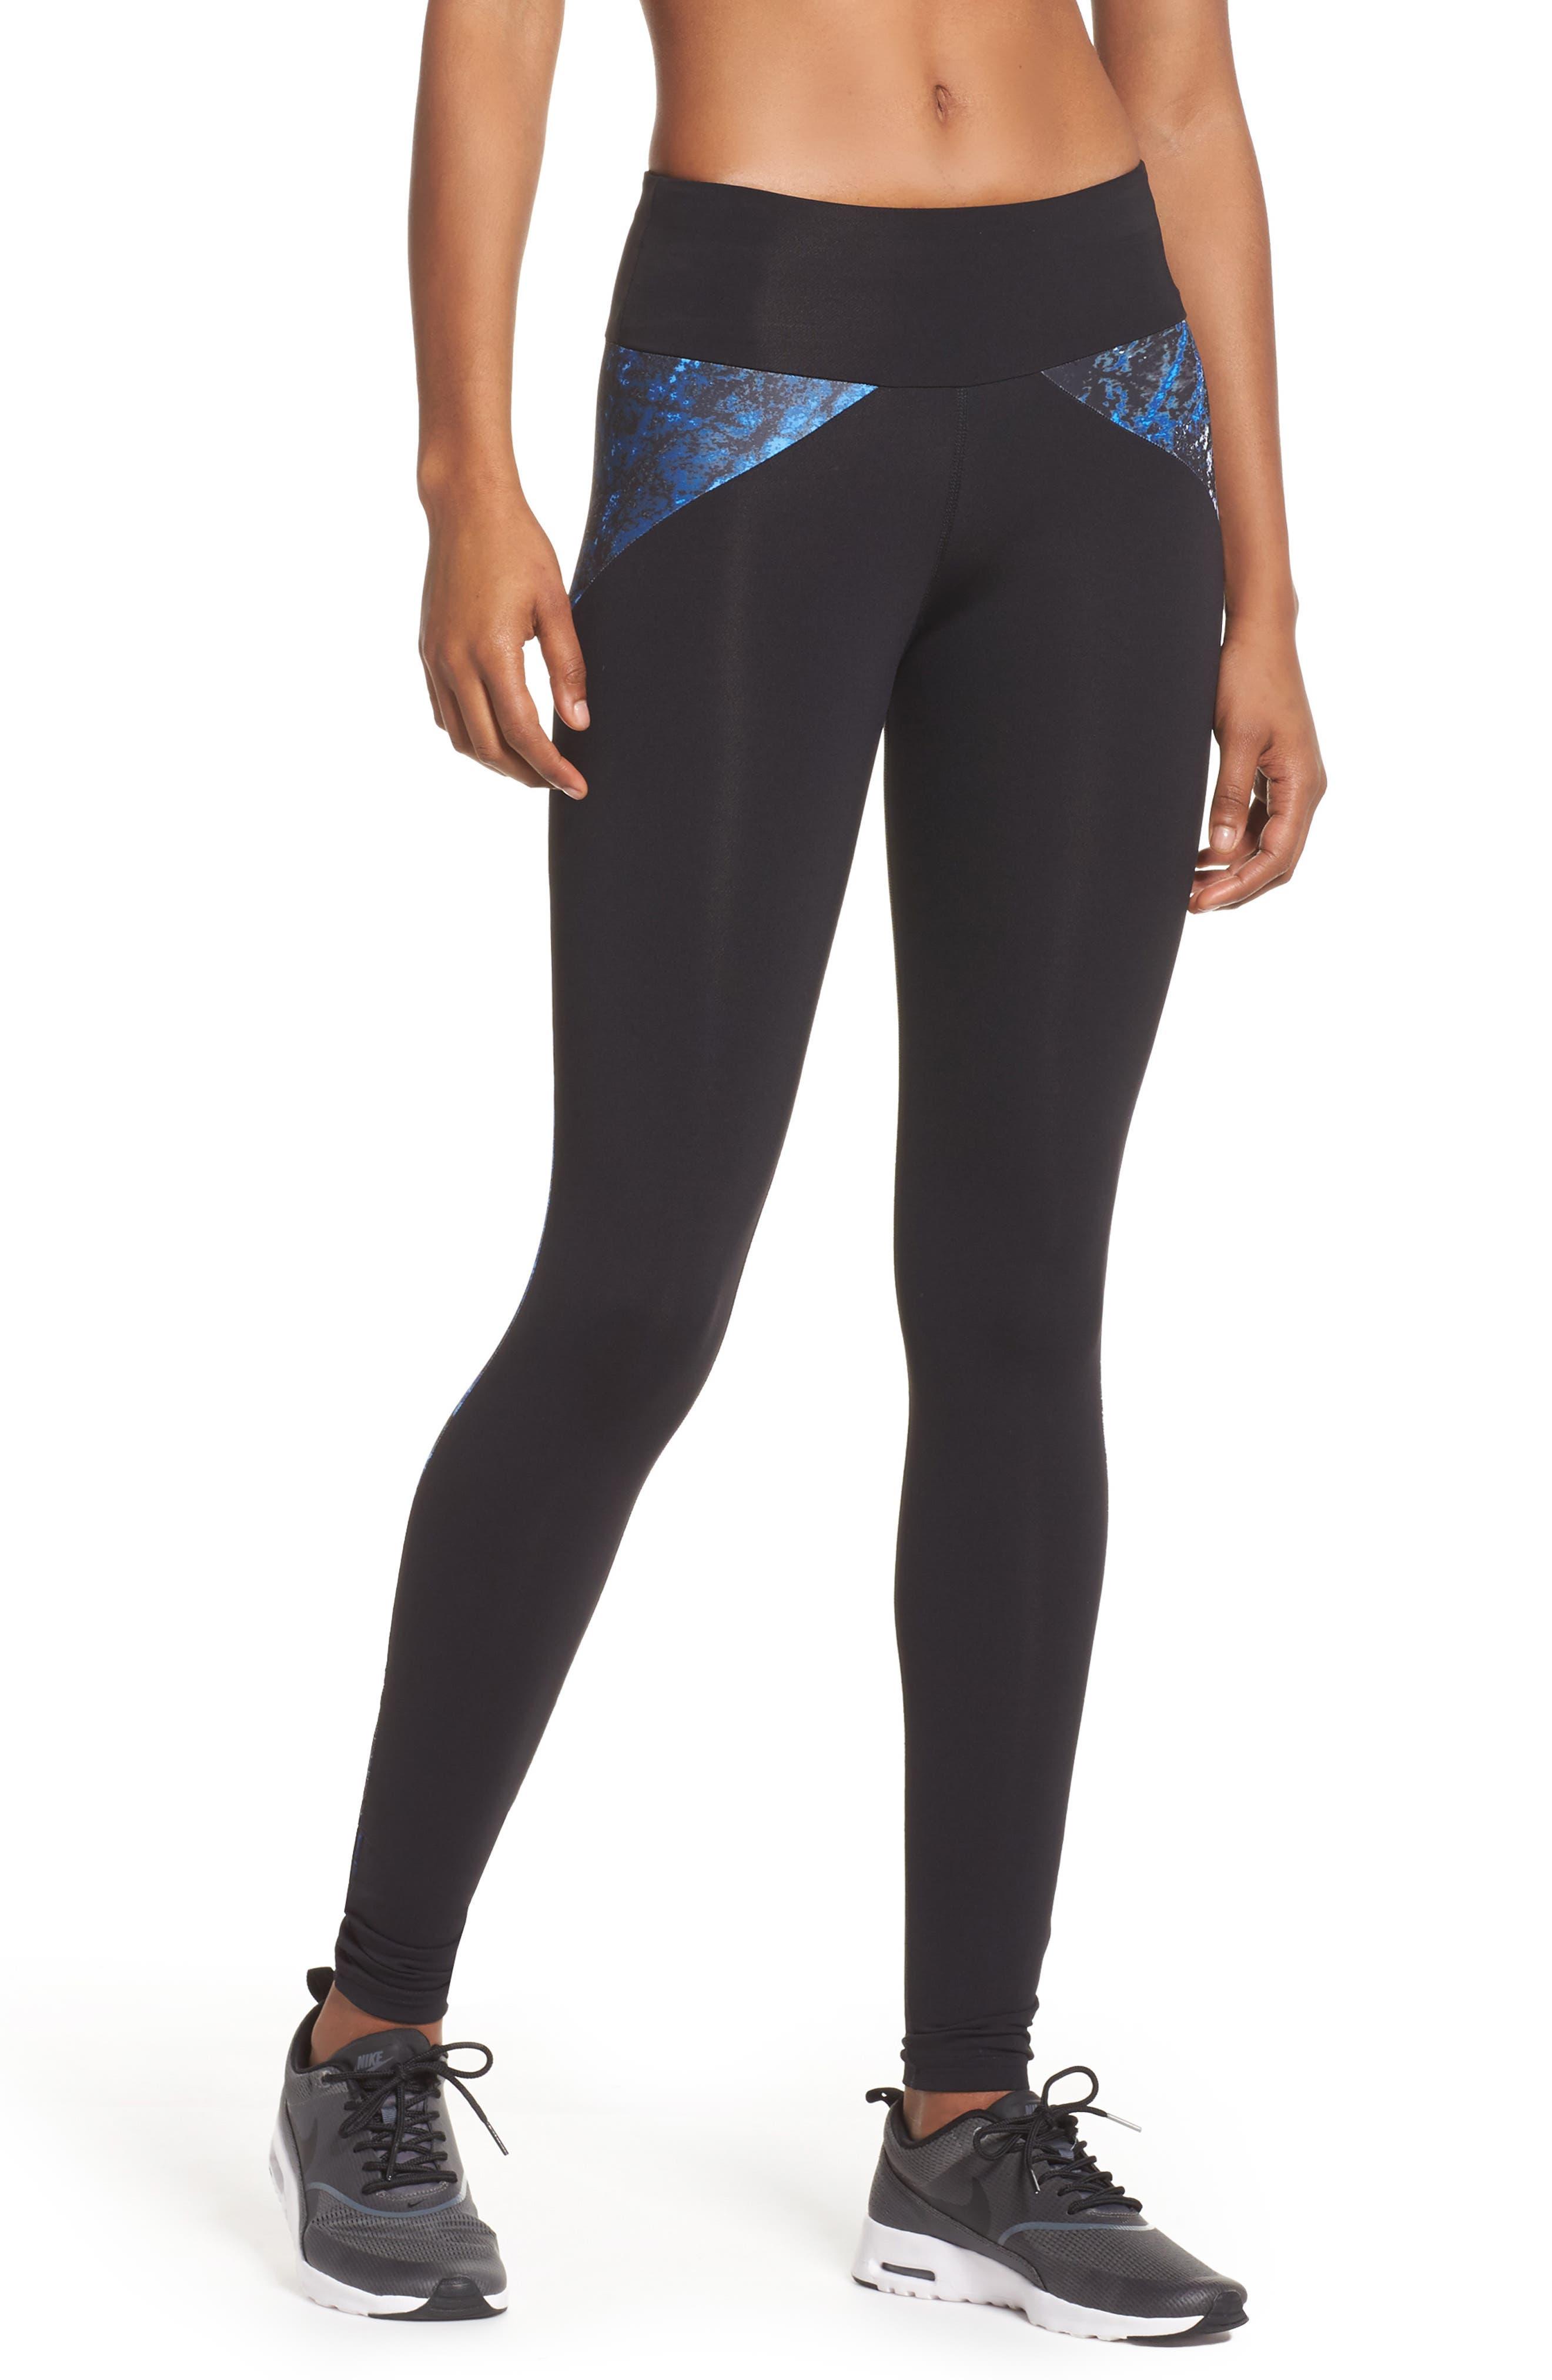 BoomBoom Athletica Colorblock Leggings,                         Main,                         color, Print